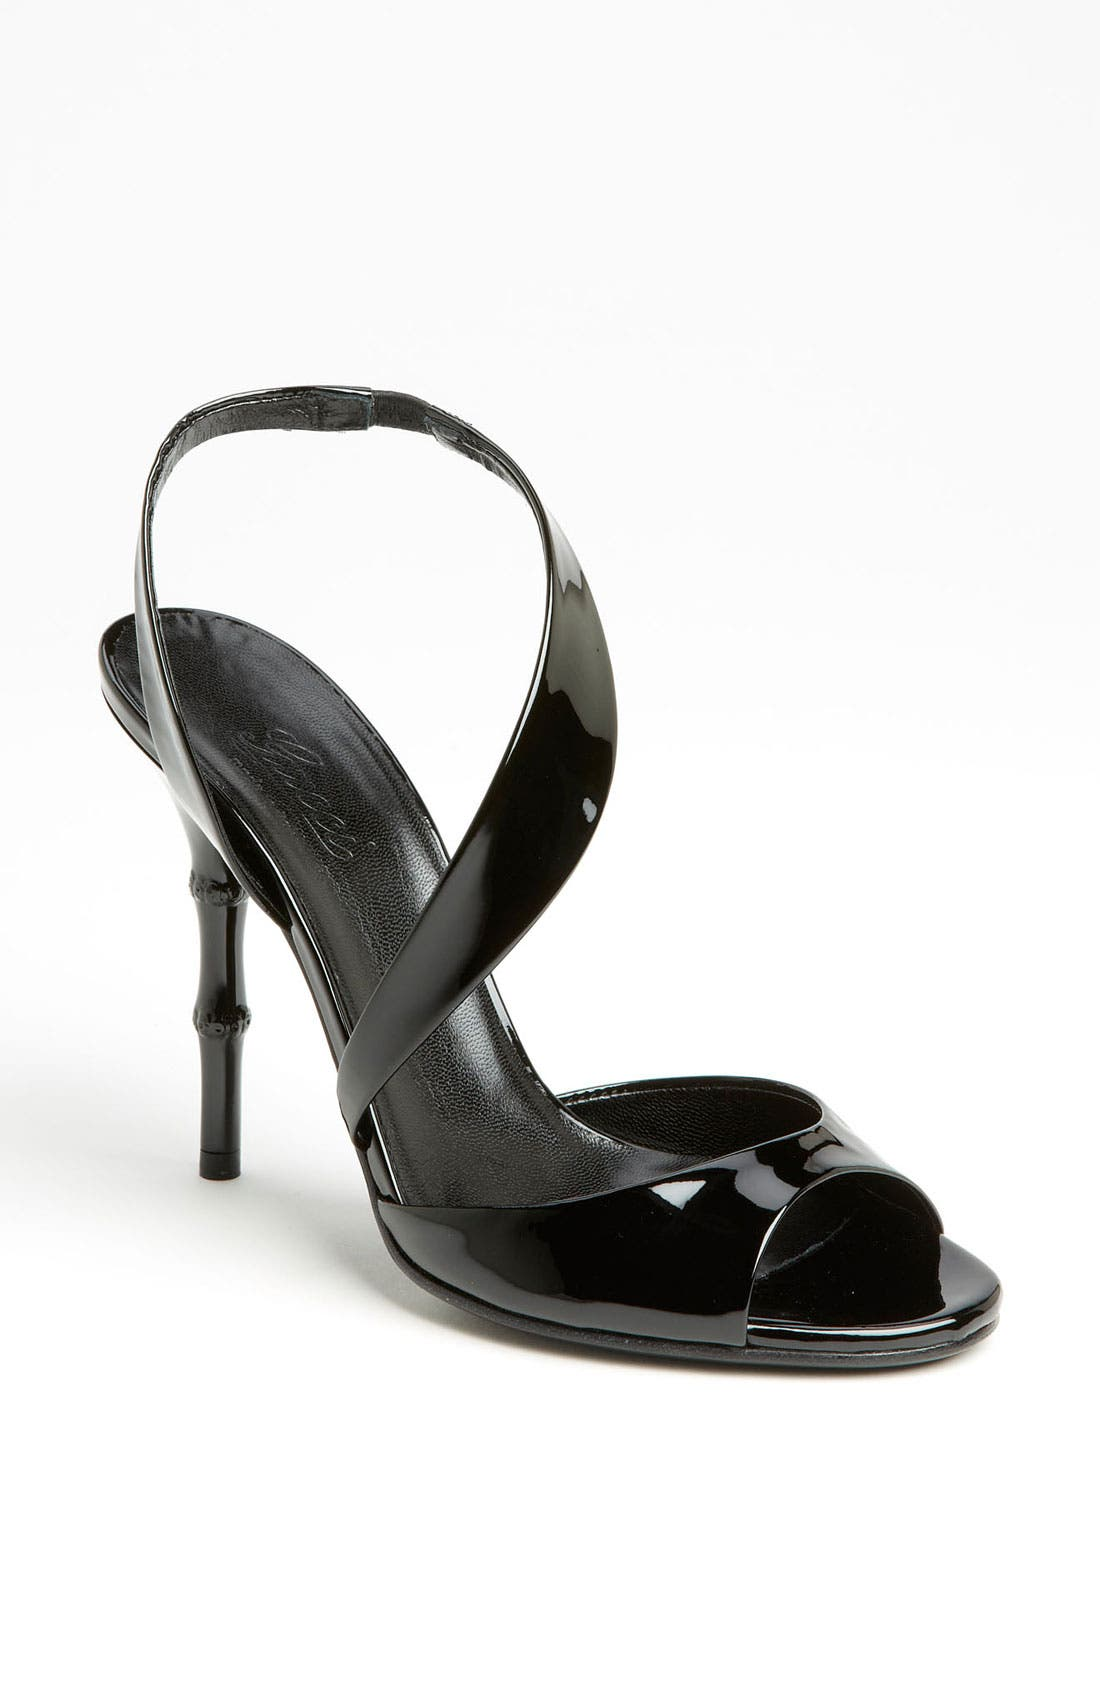 Alternate Image 1 Selected - Gucci 'Linda' Bamboo Heel Sandal